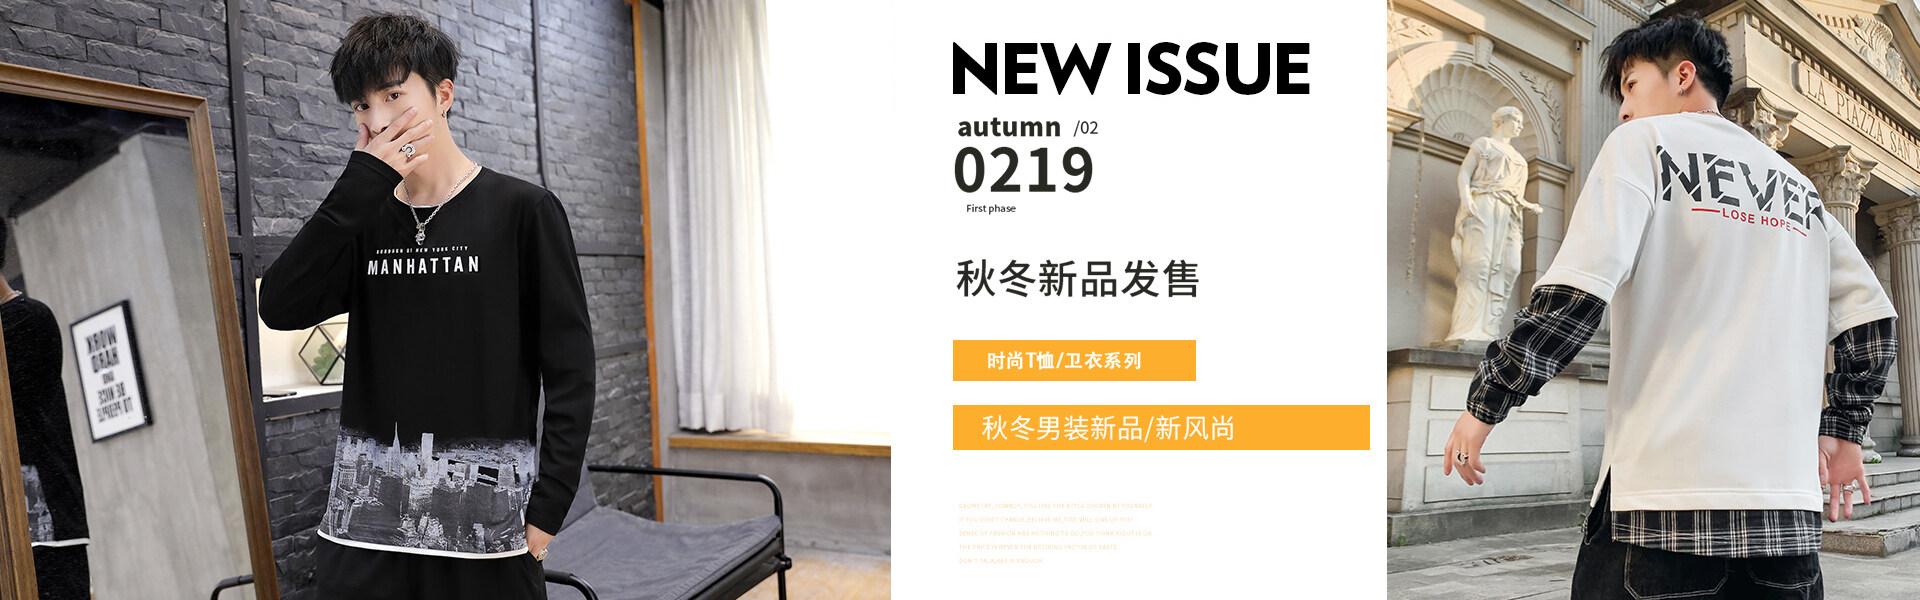 秋季海报2 拷贝.jpg